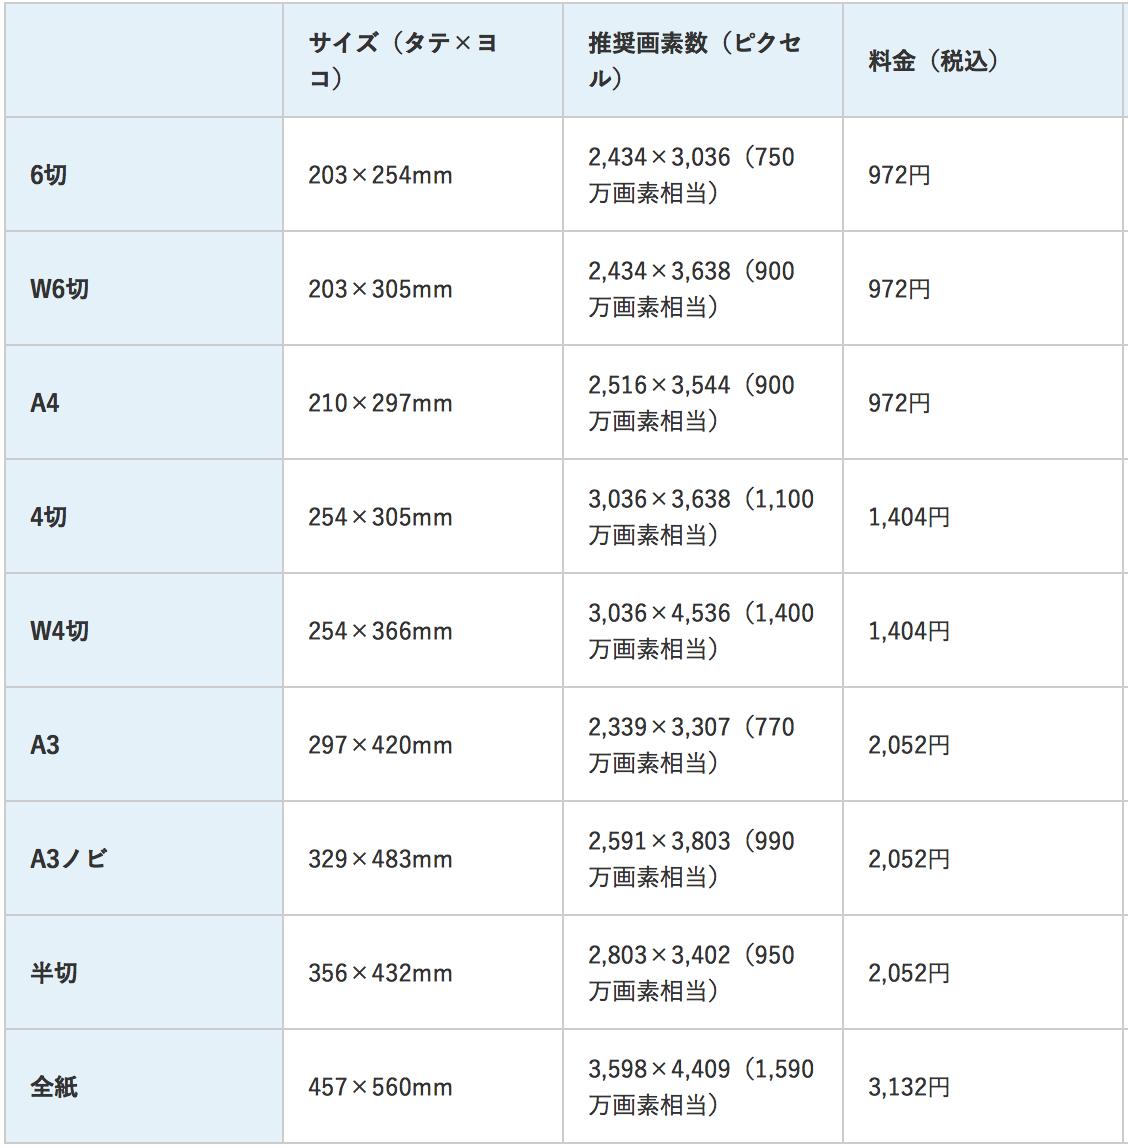 コイデカメラ料金表